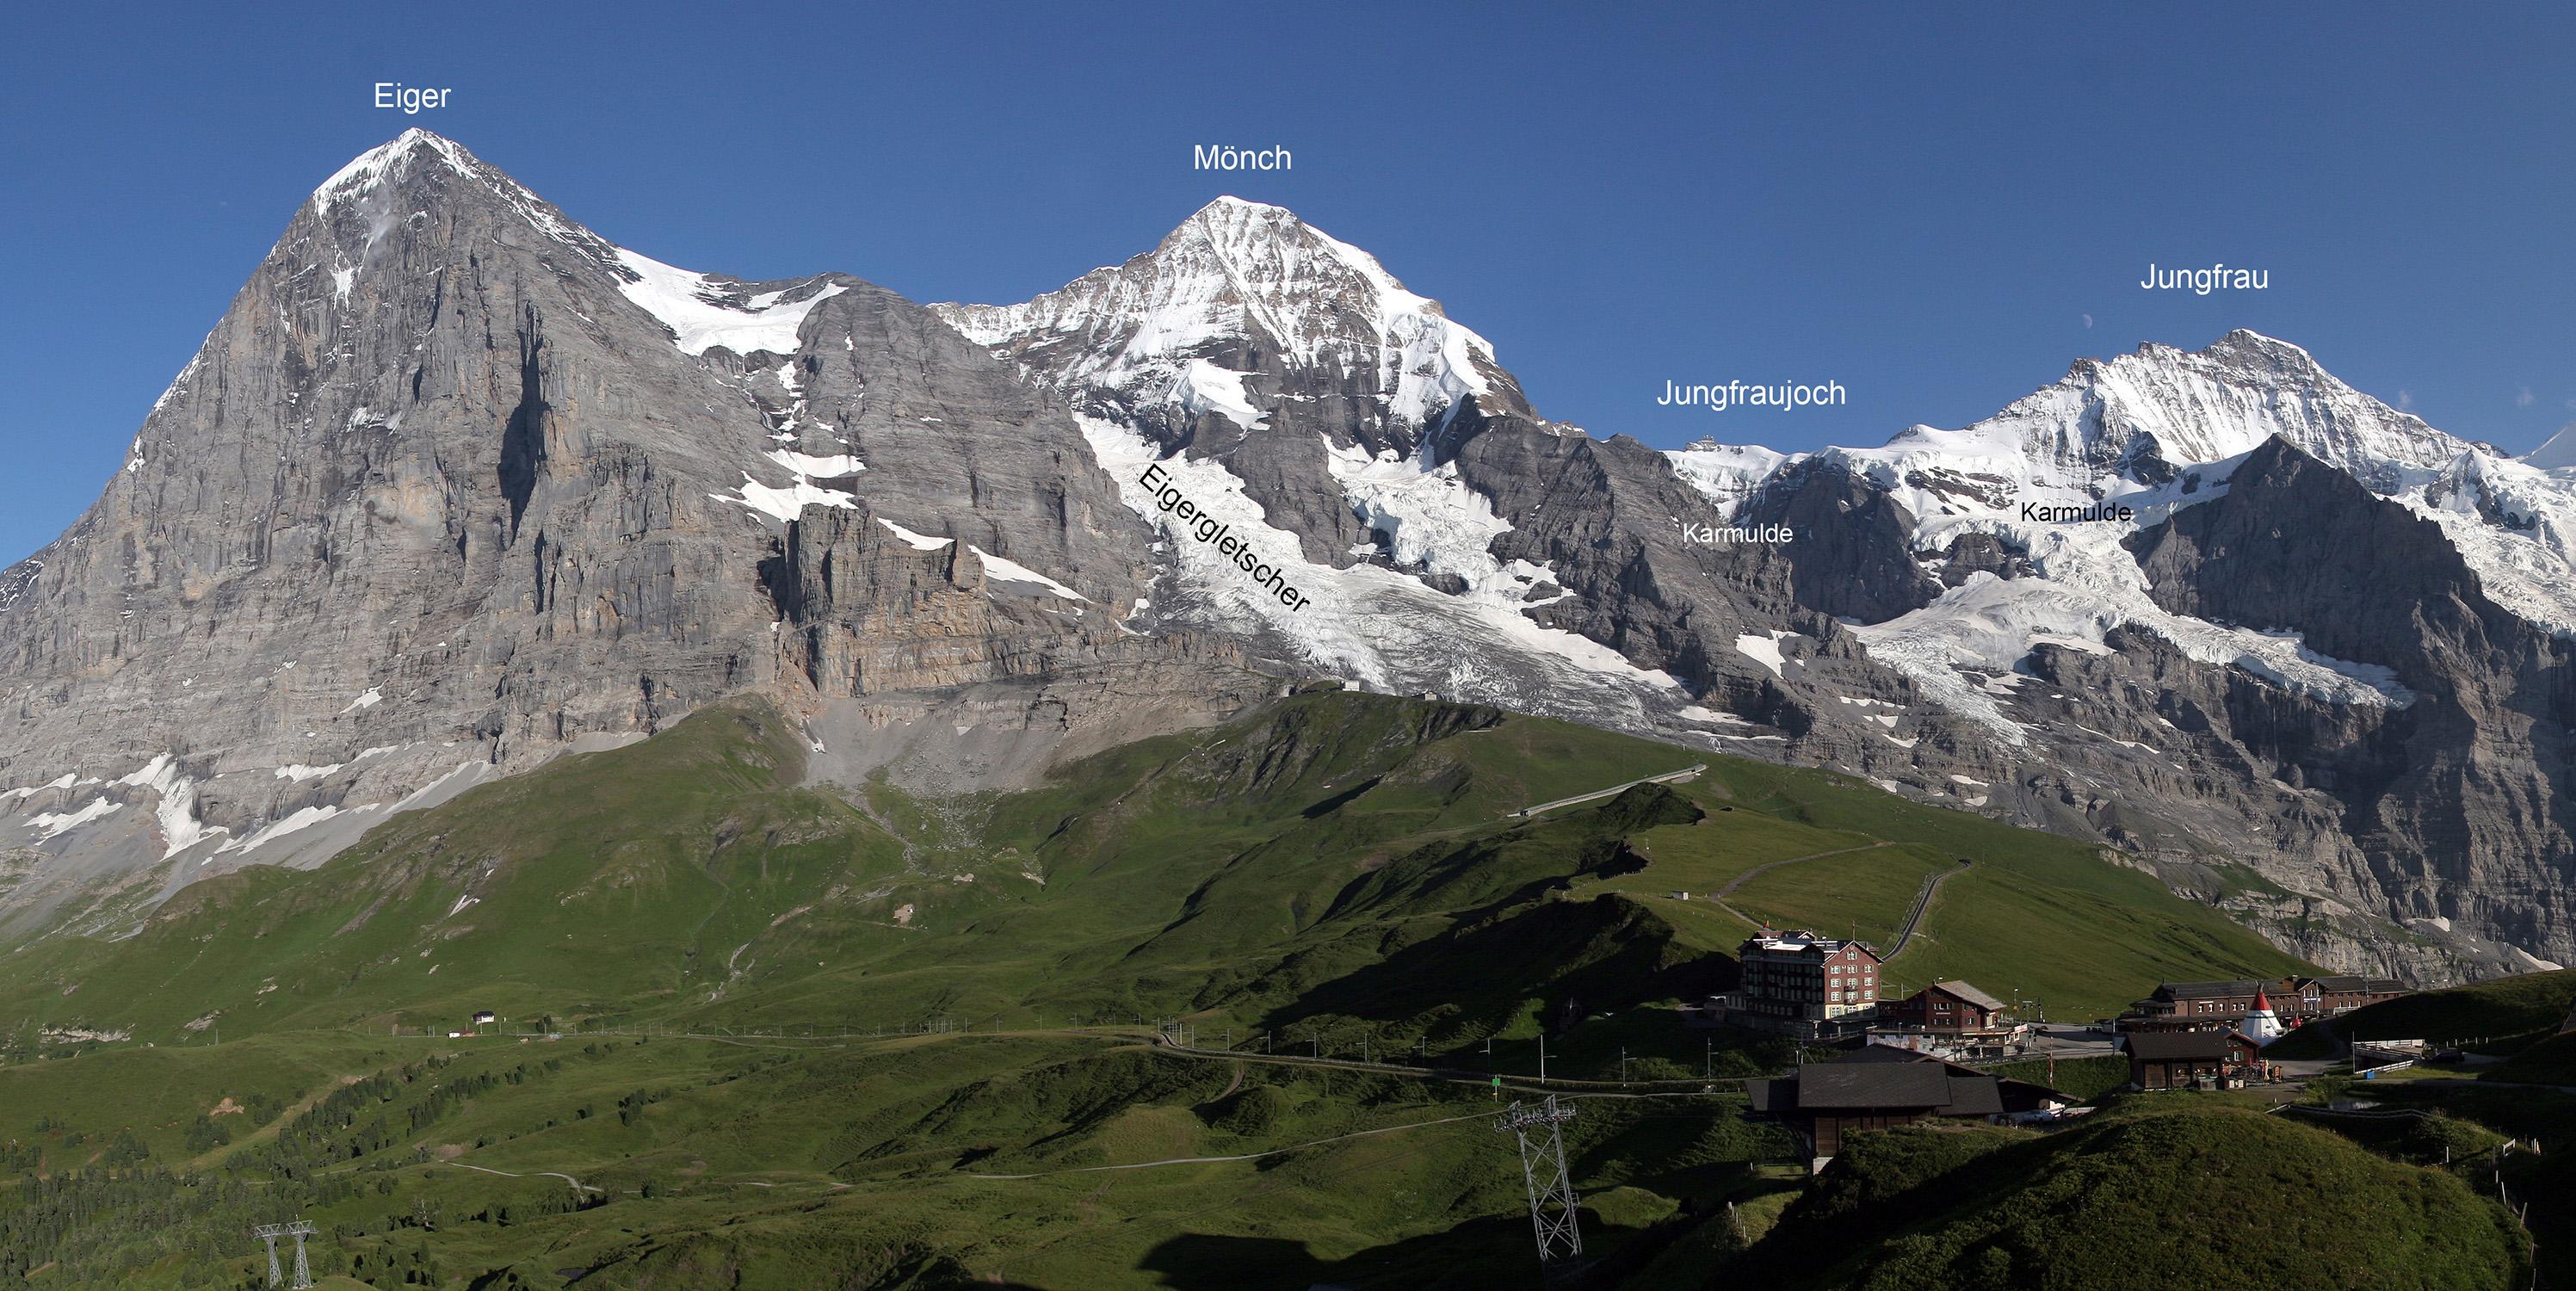 Eigergletscher zwischen Eiger und Mönch. Dieser wurde bei seinem Ursprung vermessen. Kargletscher, wie zum Beispiel am Fuss des Jungfraujochs, höhlen den Fels aus und übersteilen die umgebenden Felsflanken. Bild: Wikimedia commons / Armin Kübelbeck (eigene Beschriftung)